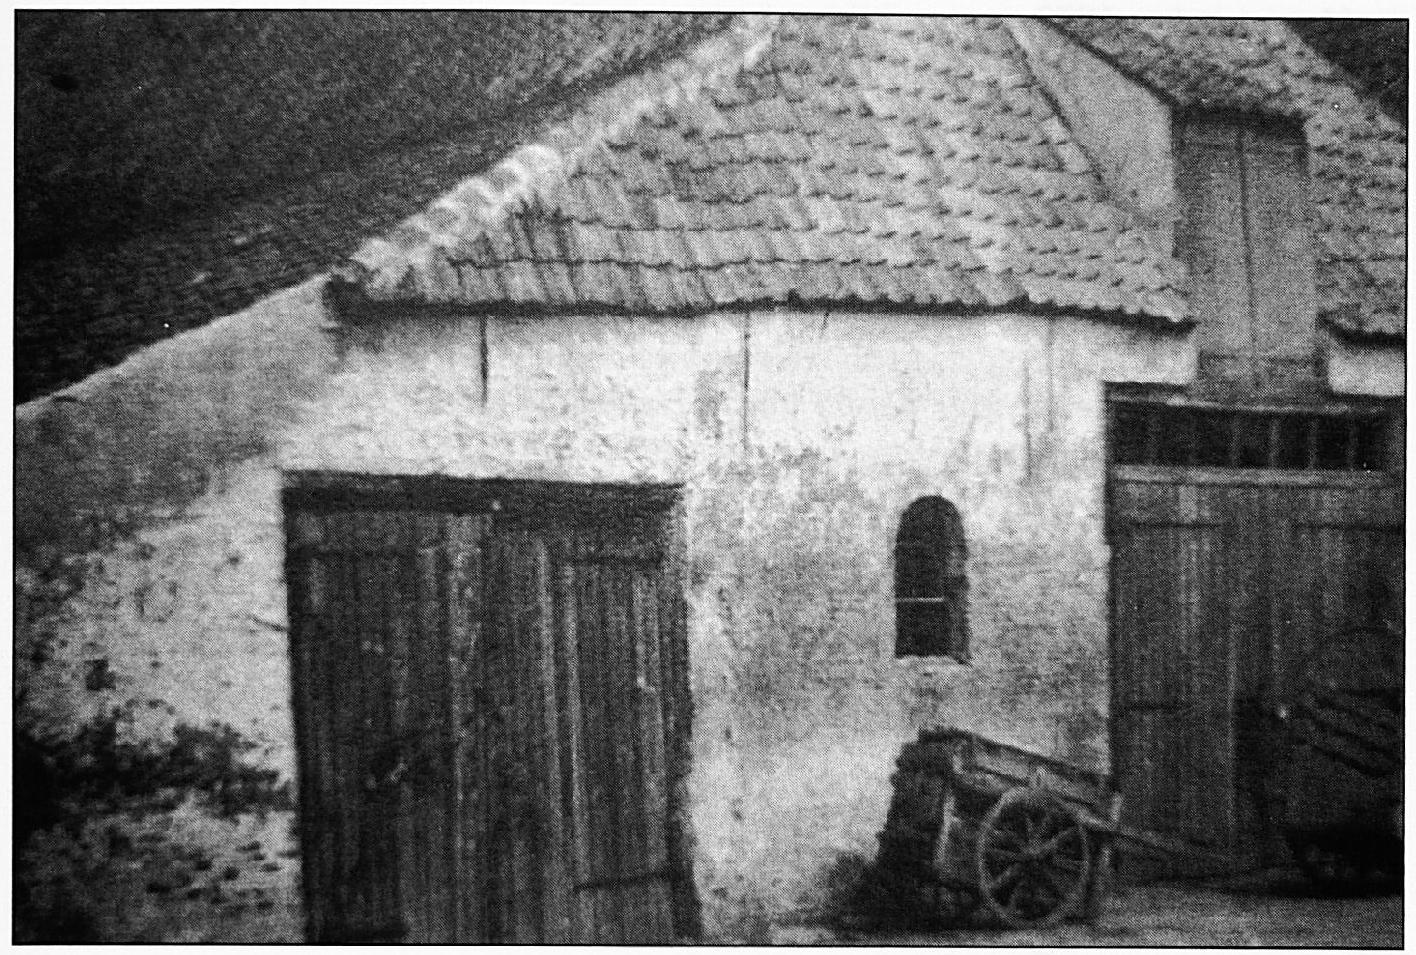 In dergelijke boerderijen moest men het dagelijkse brood verdienen. Deze boerderij stond aan de Varkensmarkt en werd bewoond door de heer Zondag.